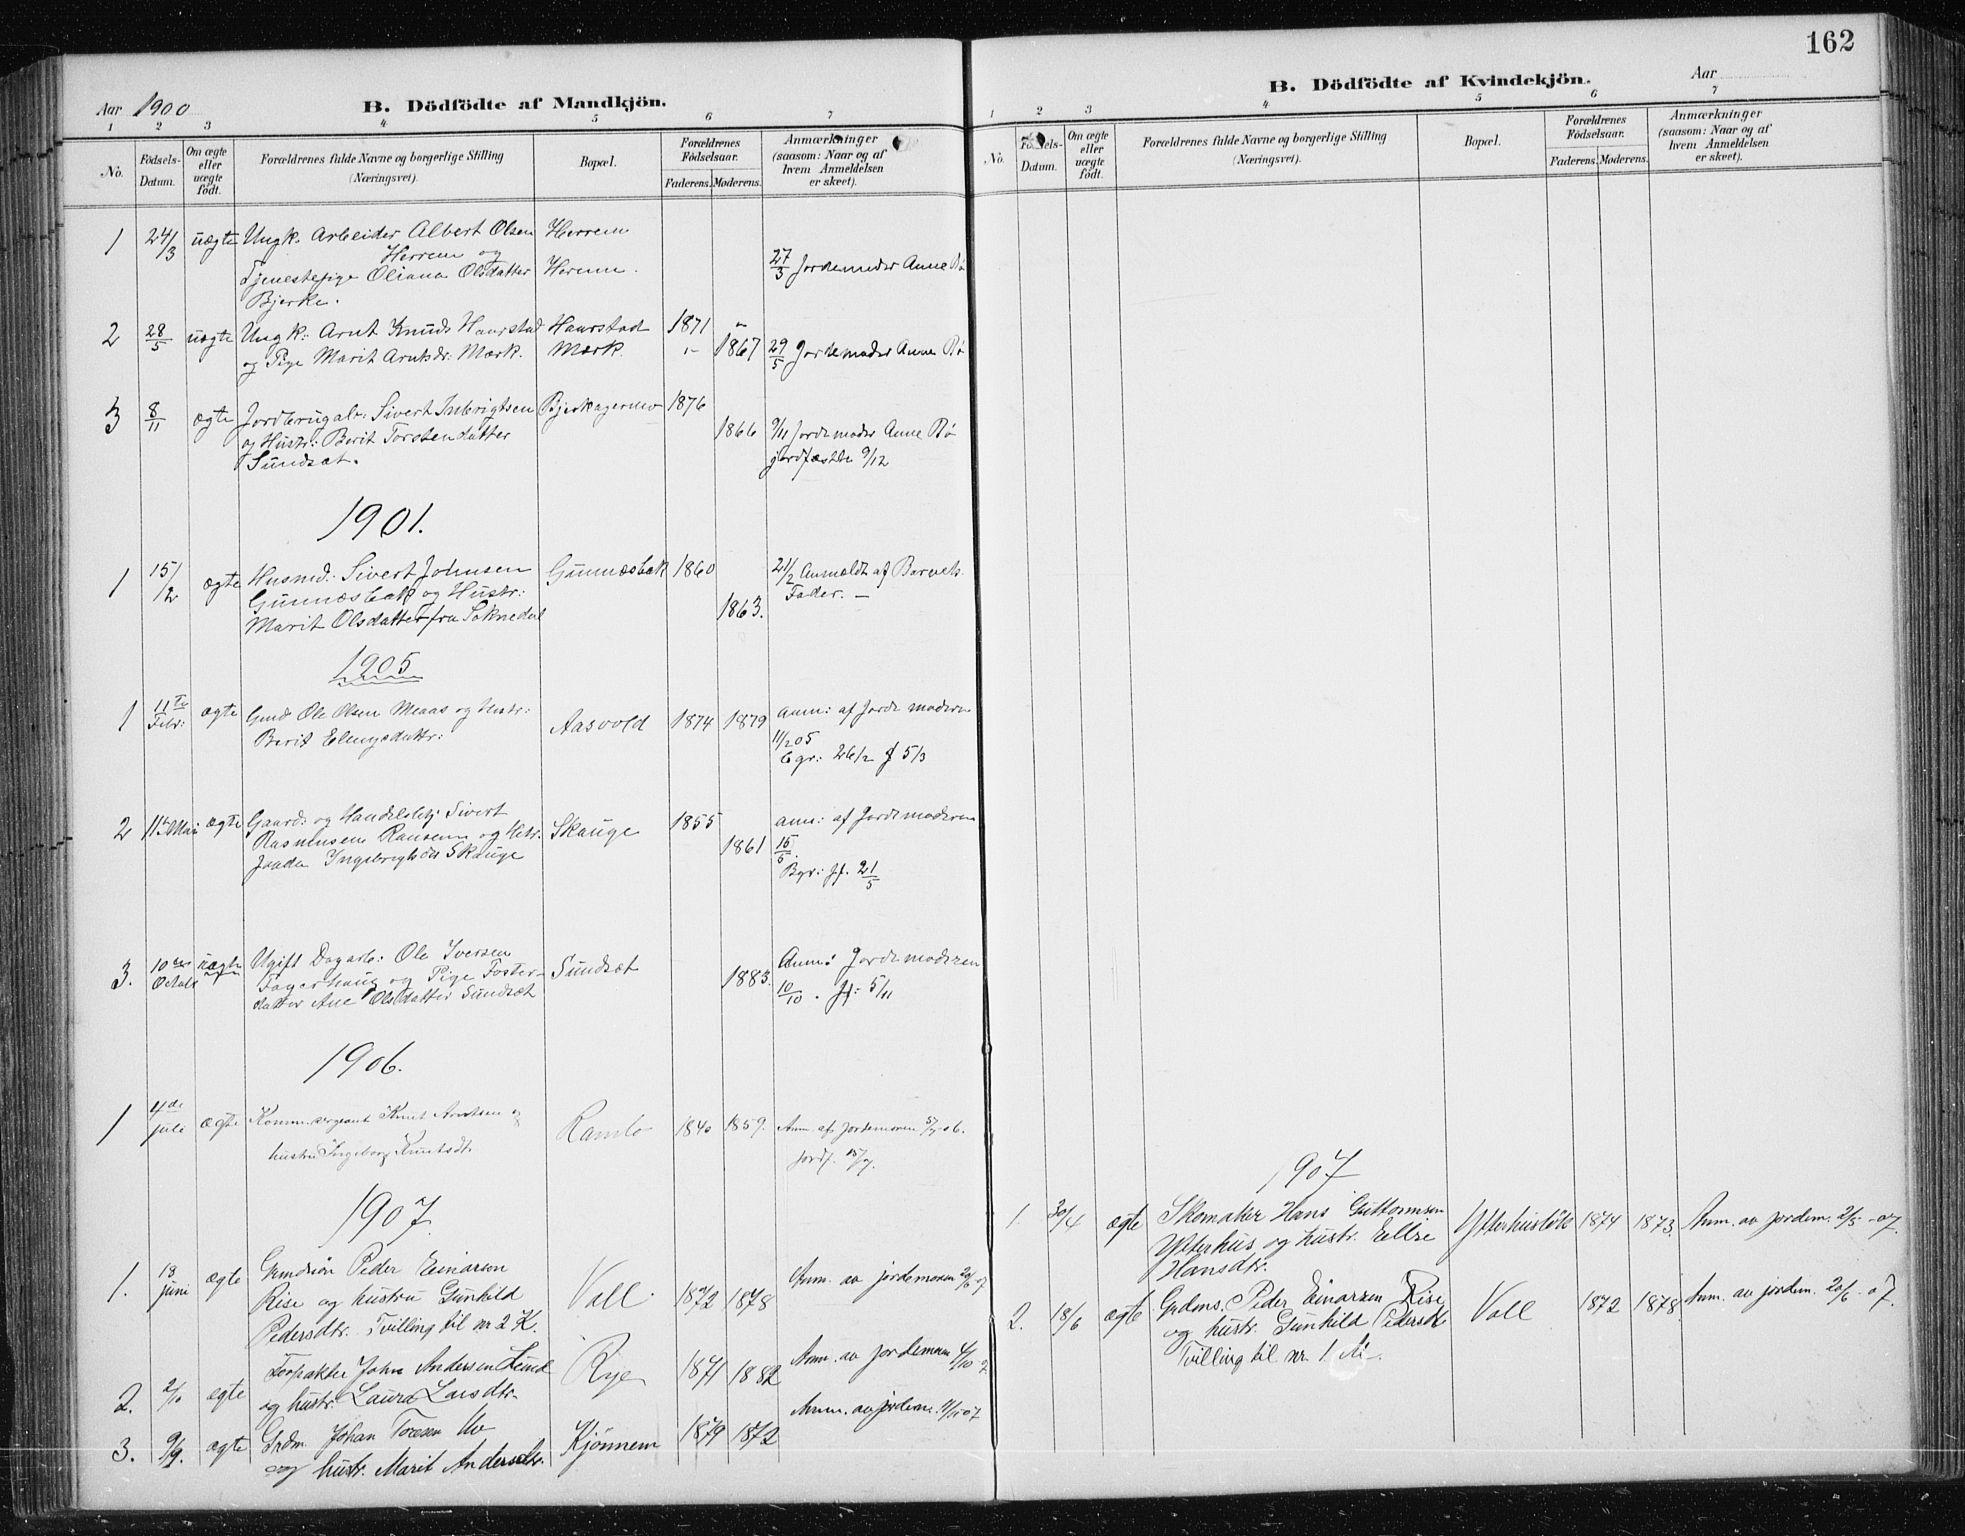 SAT, Ministerialprotokoller, klokkerbøker og fødselsregistre - Sør-Trøndelag, 674/L0876: Klokkerbok nr. 674C03, 1892-1912, s. 162